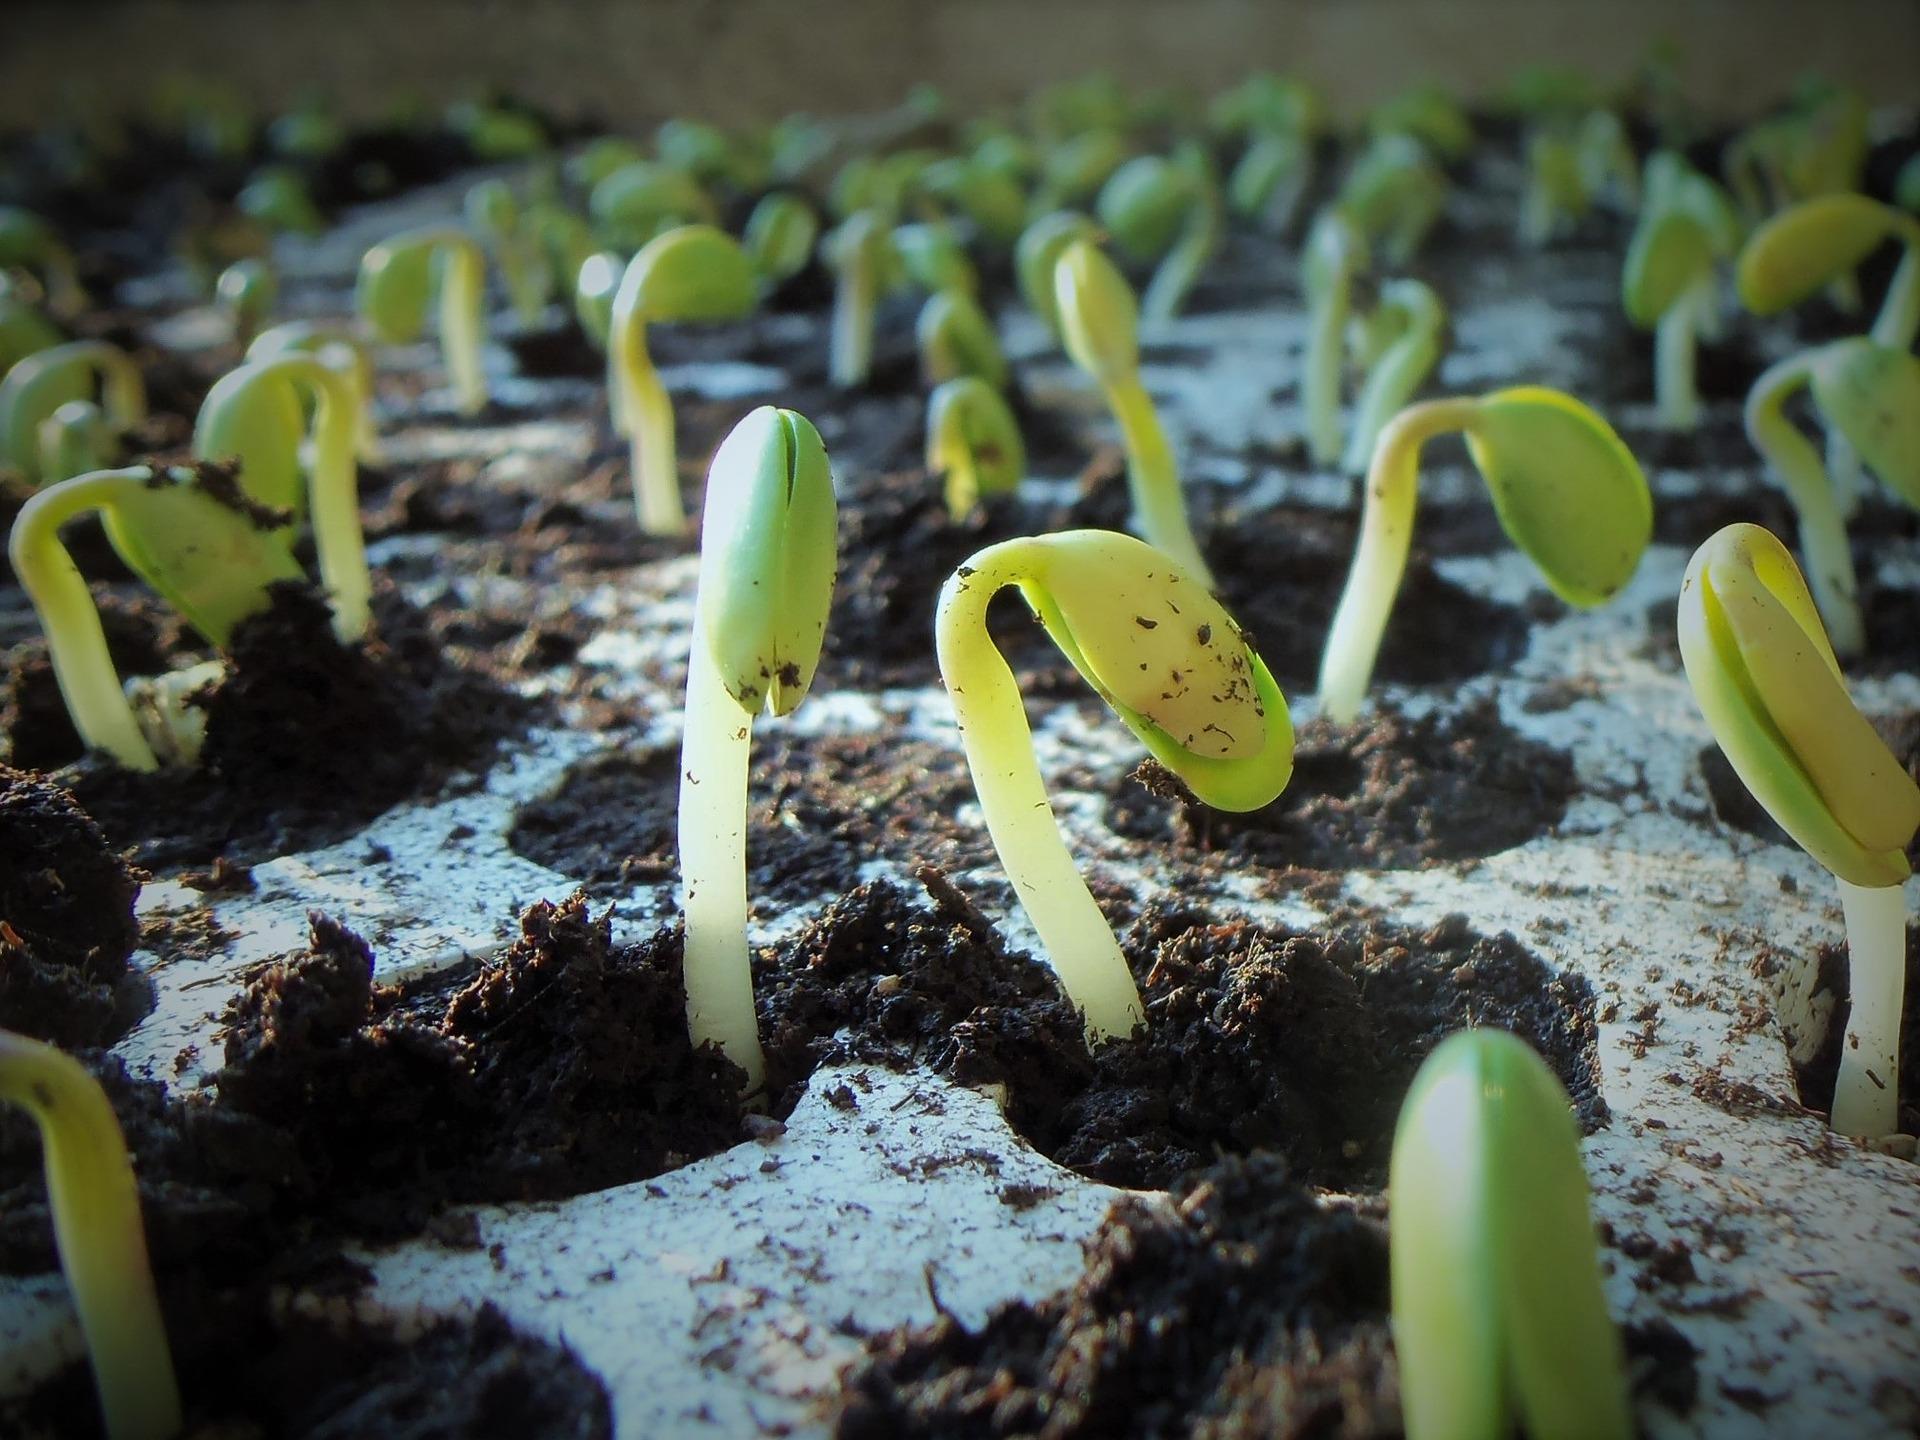 Inteligência artificial ajuda a identificar sementes que melhor germinam